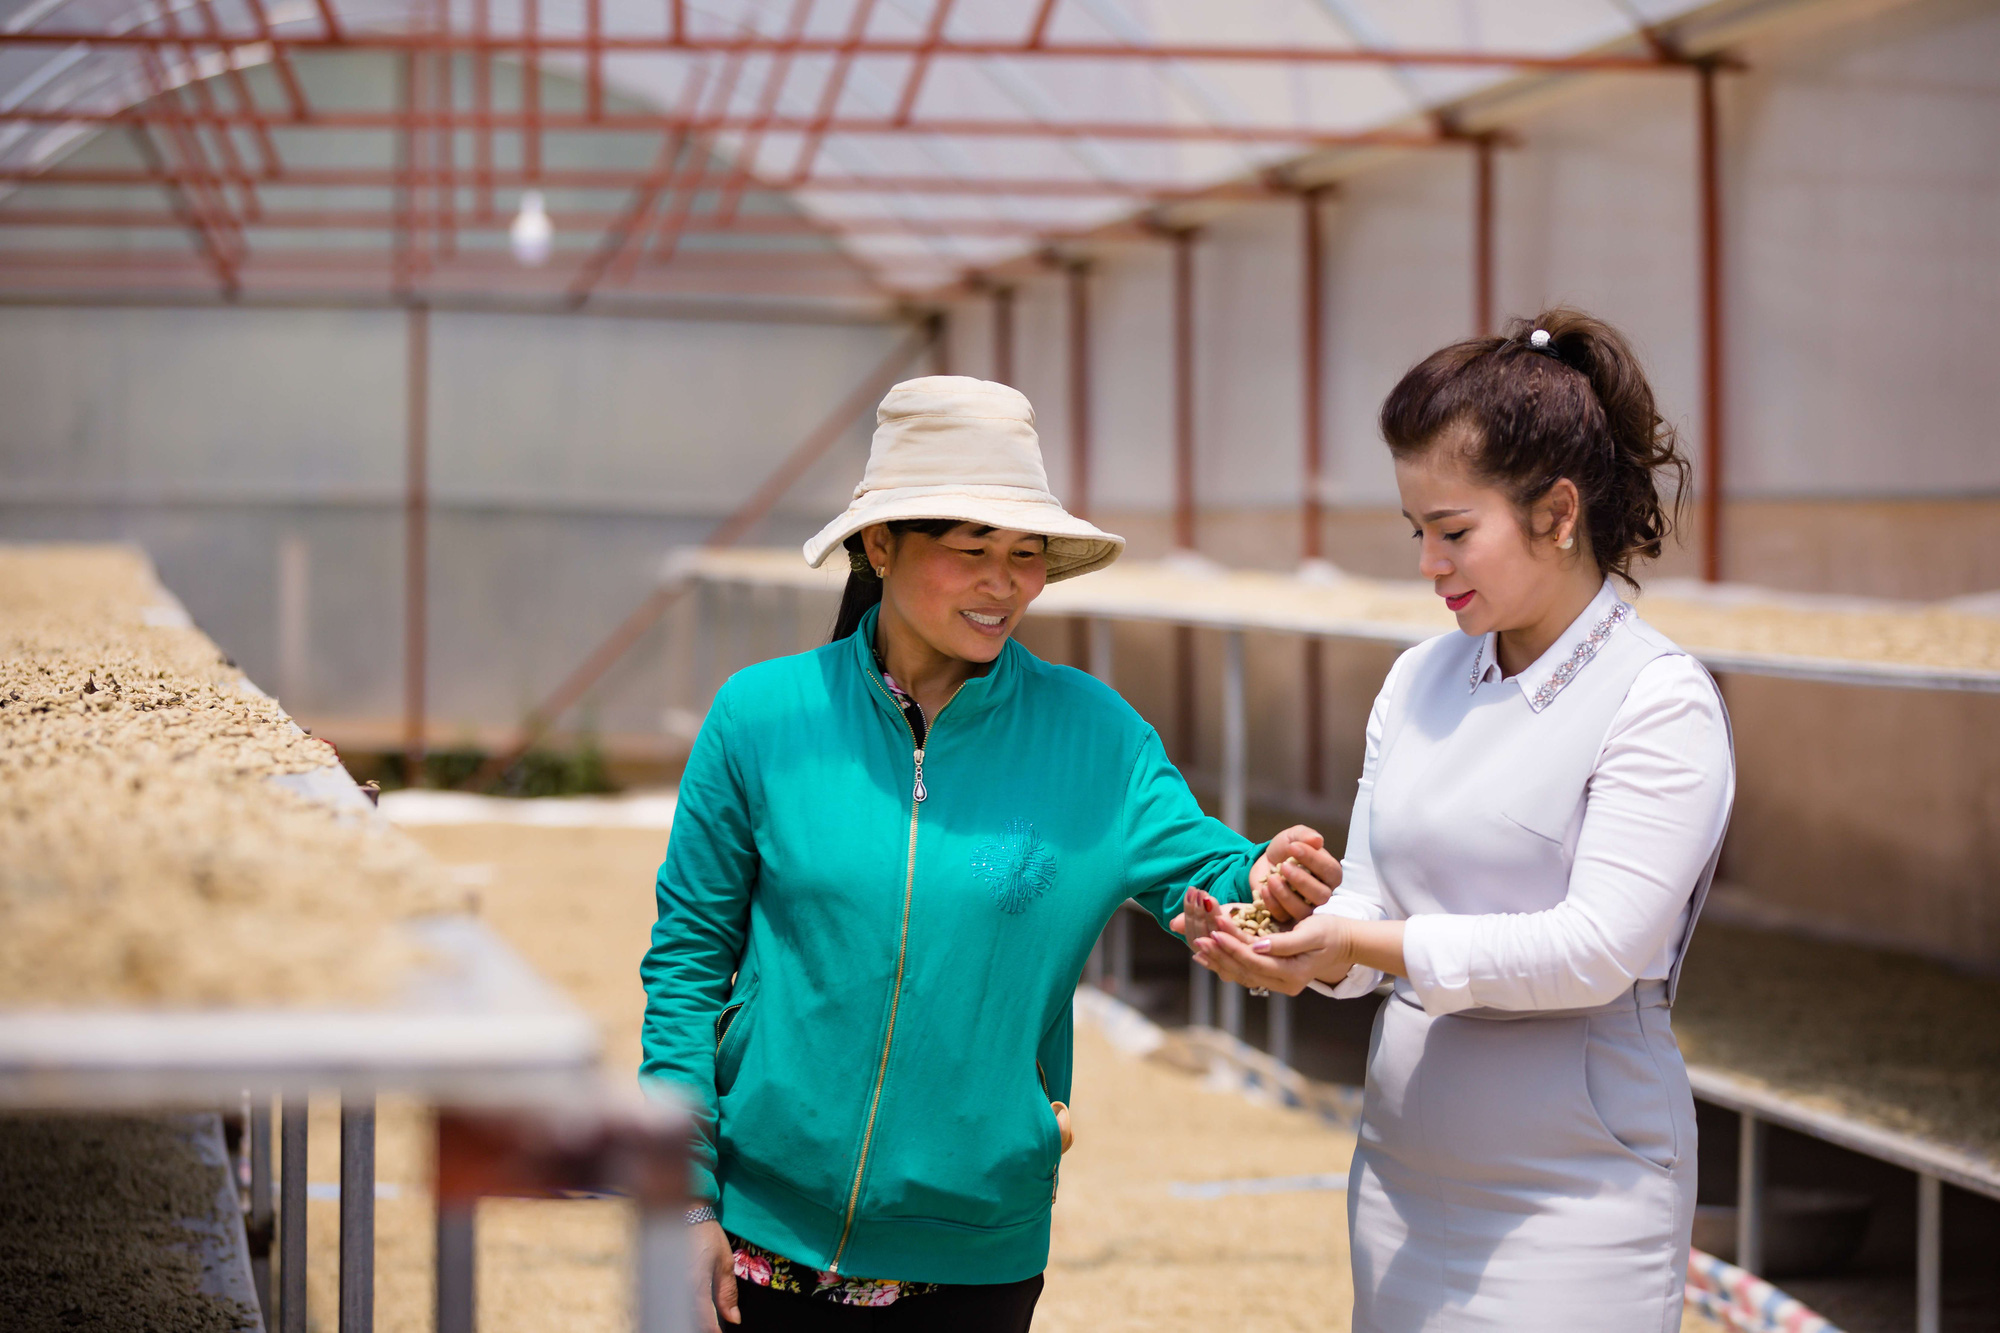 Bà Lê Hoàng Diệp Thảo công bố dự án Happy Farmers cầu nối liên kết với các nhà cung ứng của Việt Nam - Ảnh 2.